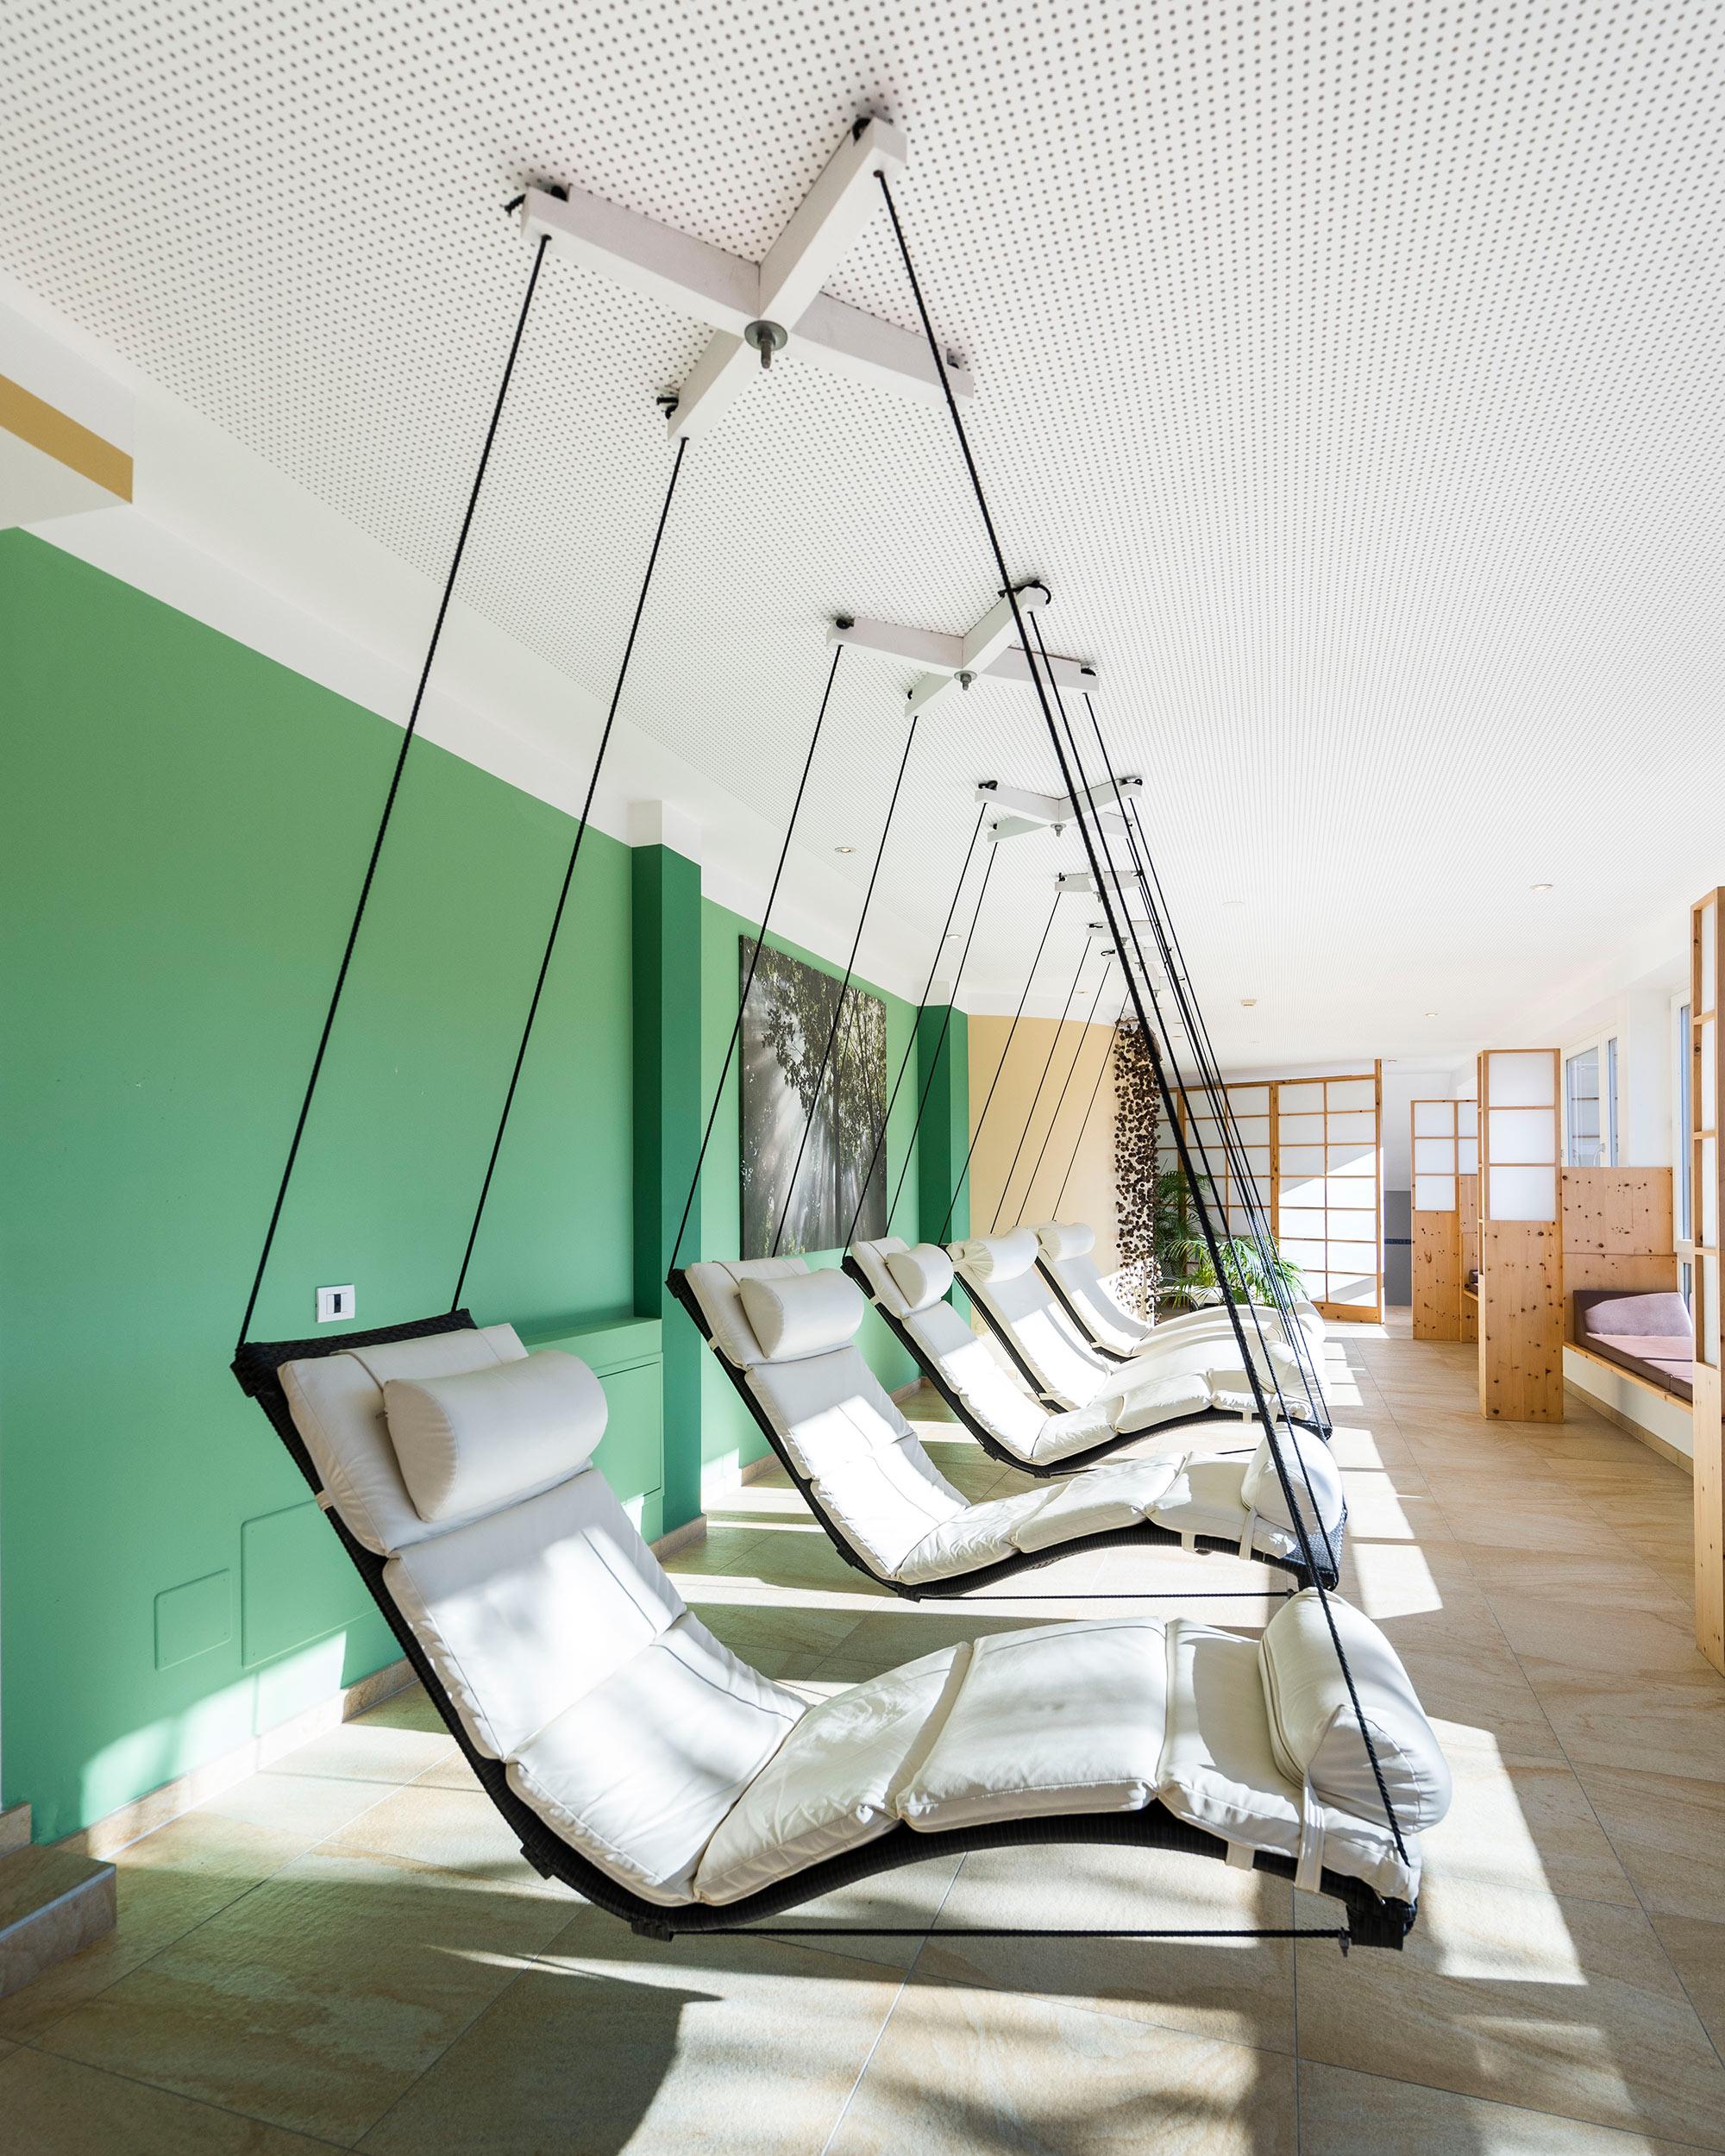 hotel_alpenflora_kastelruth_referenz_05